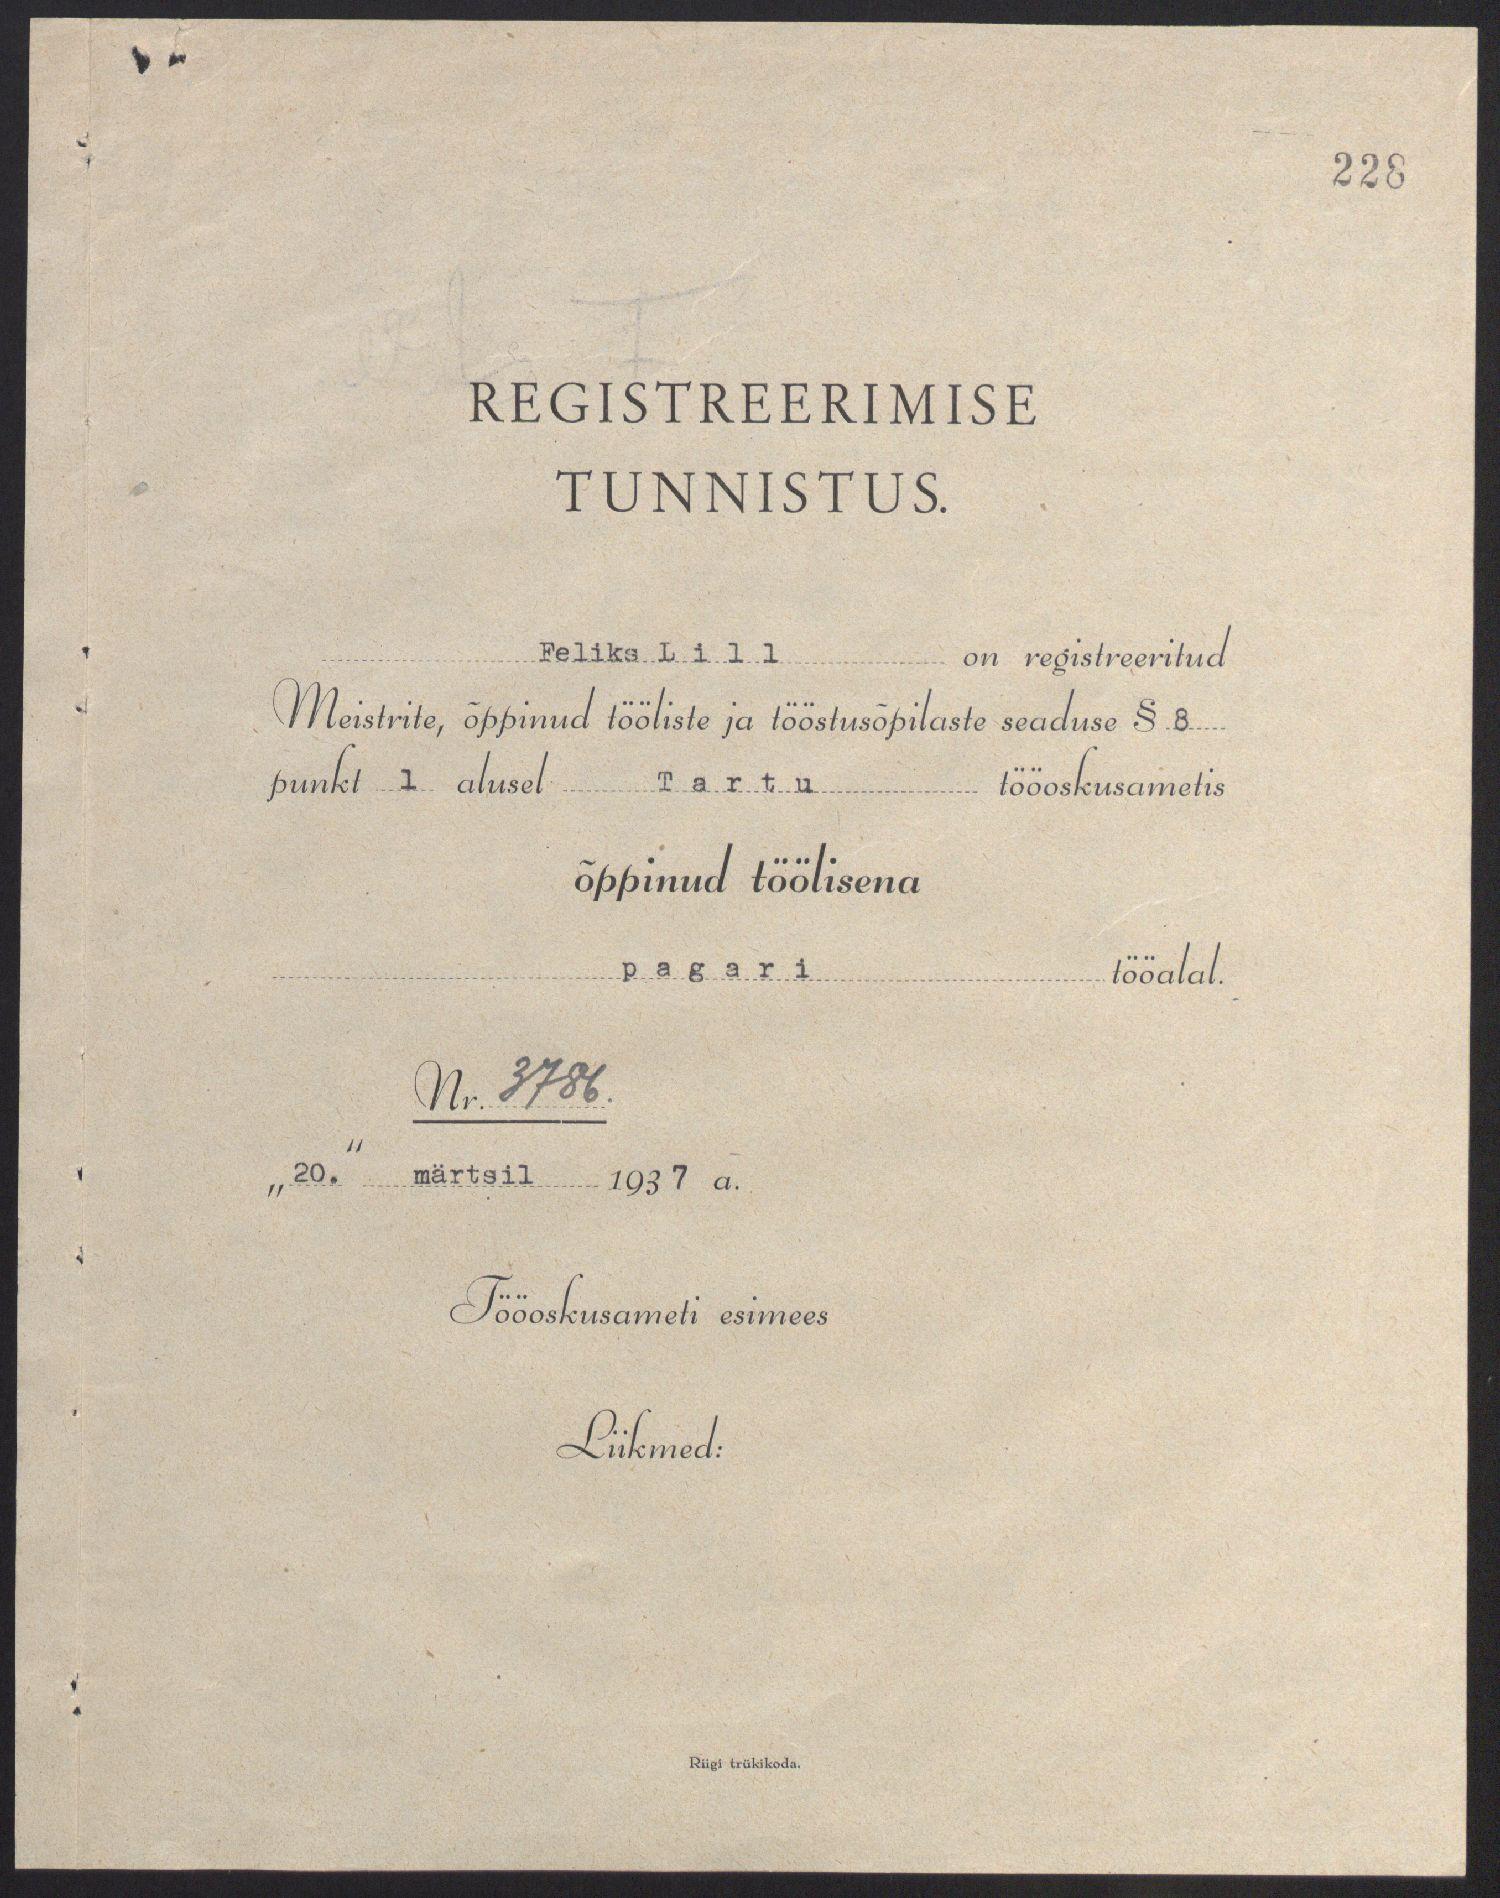 Tartu tööoskusameti pagarimeistri registreerimistunnistus Feliks Lillele, 1937. ERA.3167.1.3981